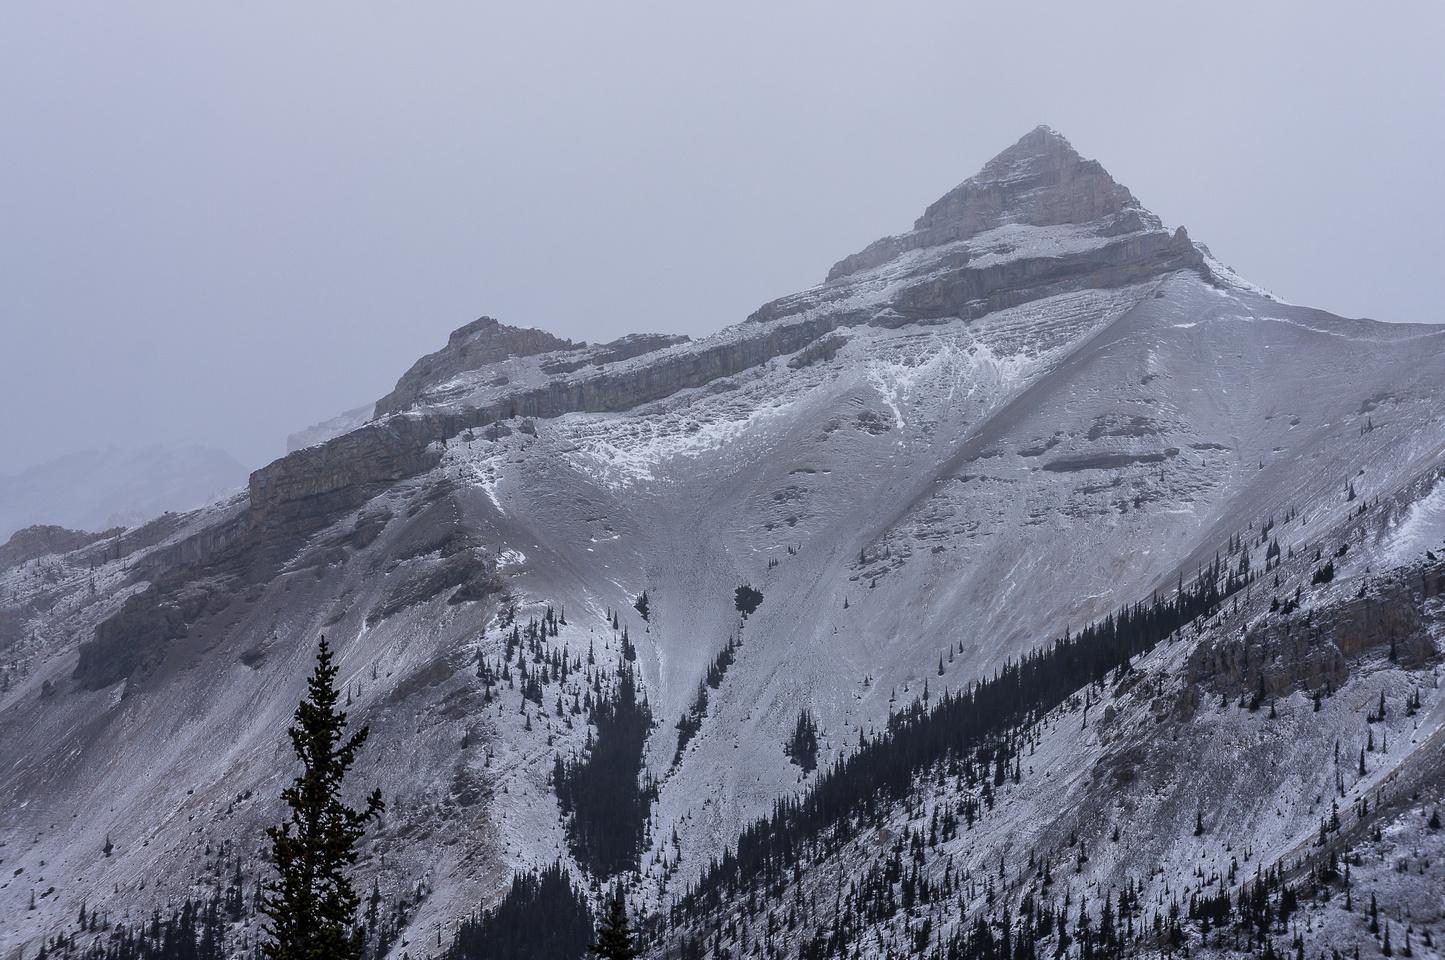 The false summit of the East Peak of Mount Burns.